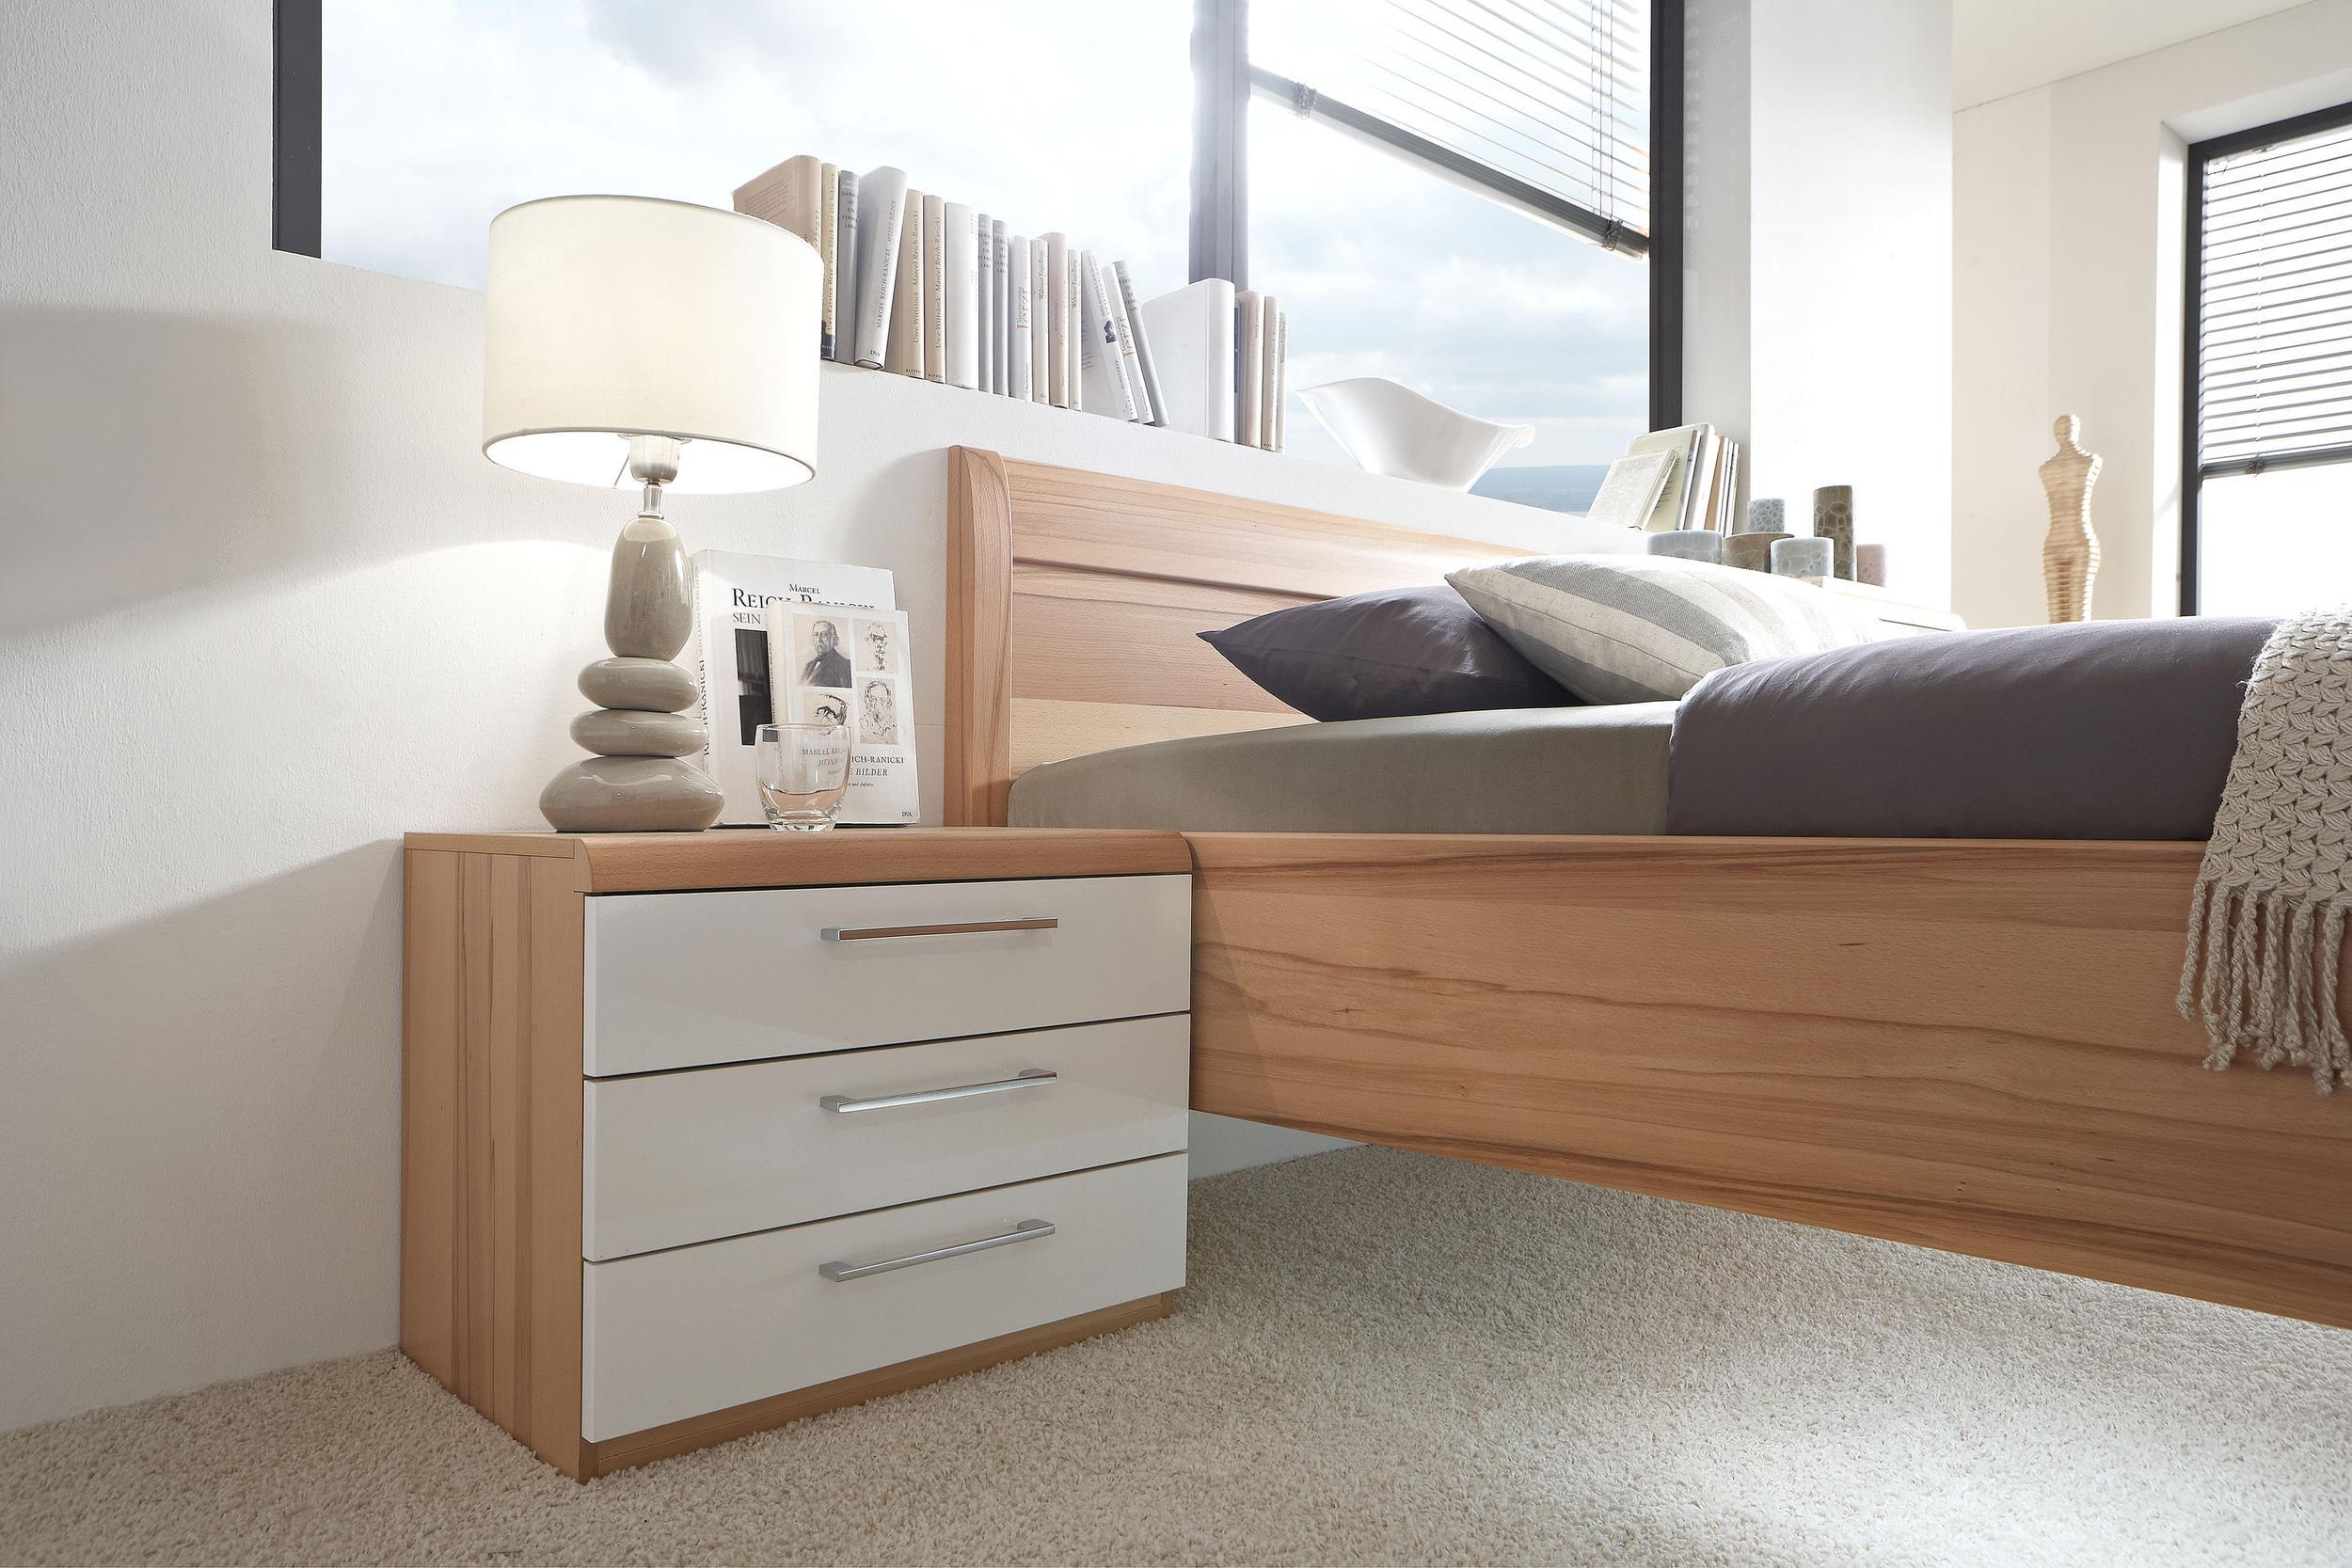 Disselkamp – Schlafträume von Disselkamp | Comfort-V